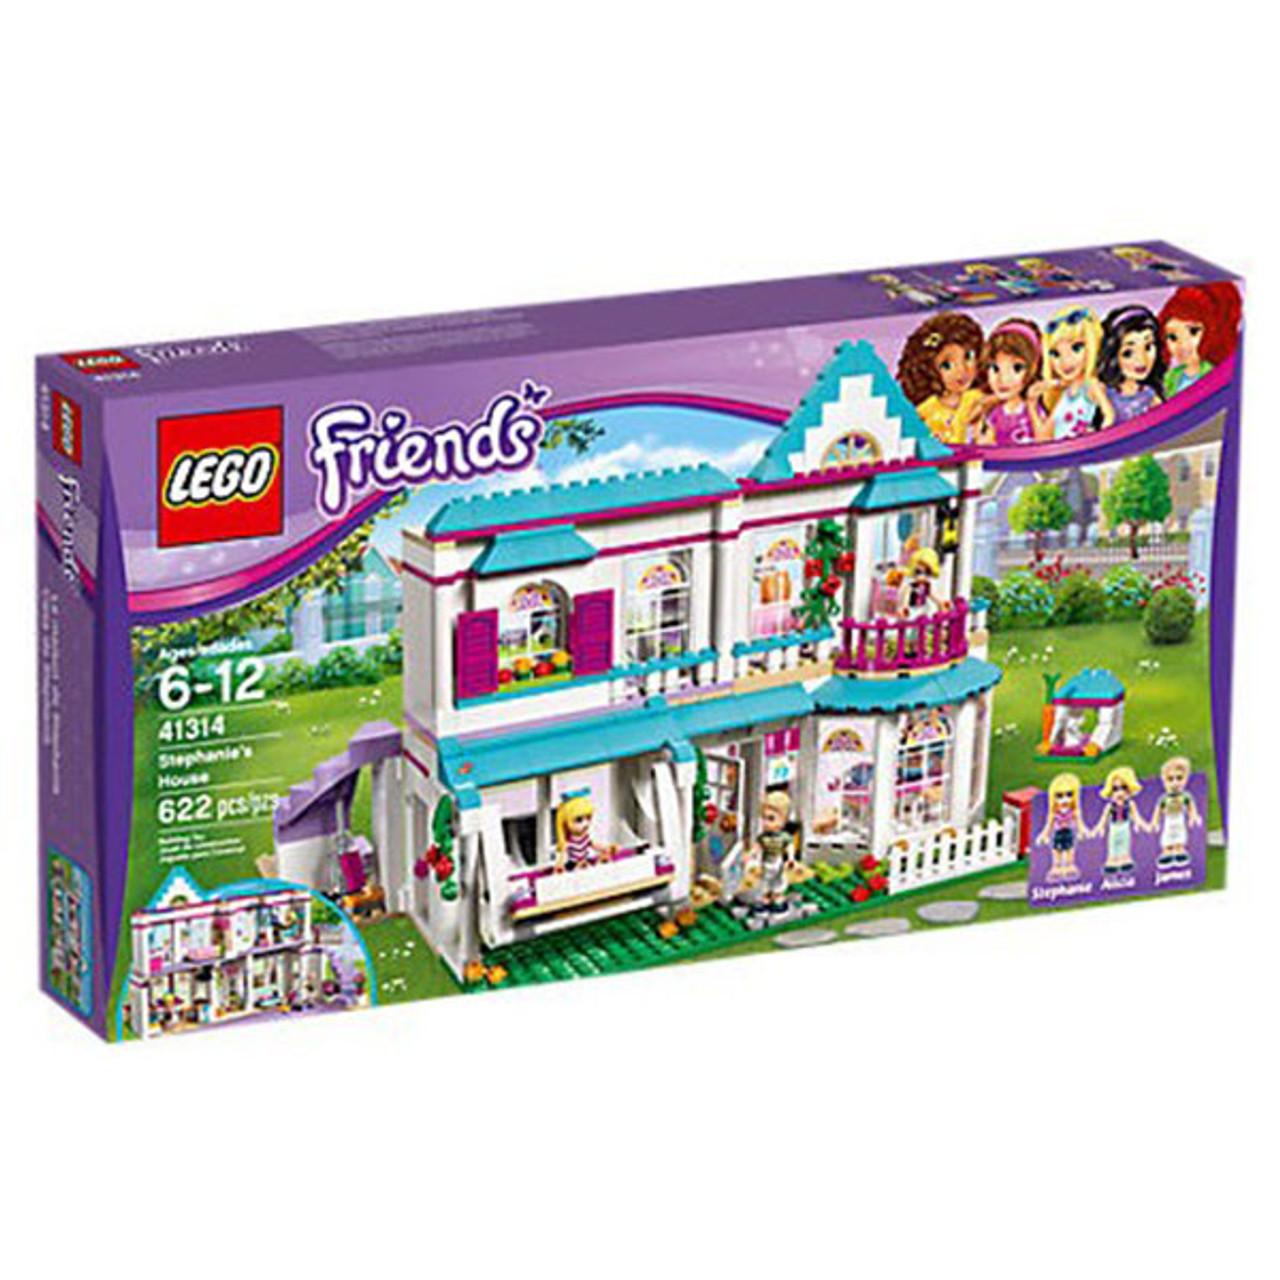 Lego Friends 41314 Stephanies House